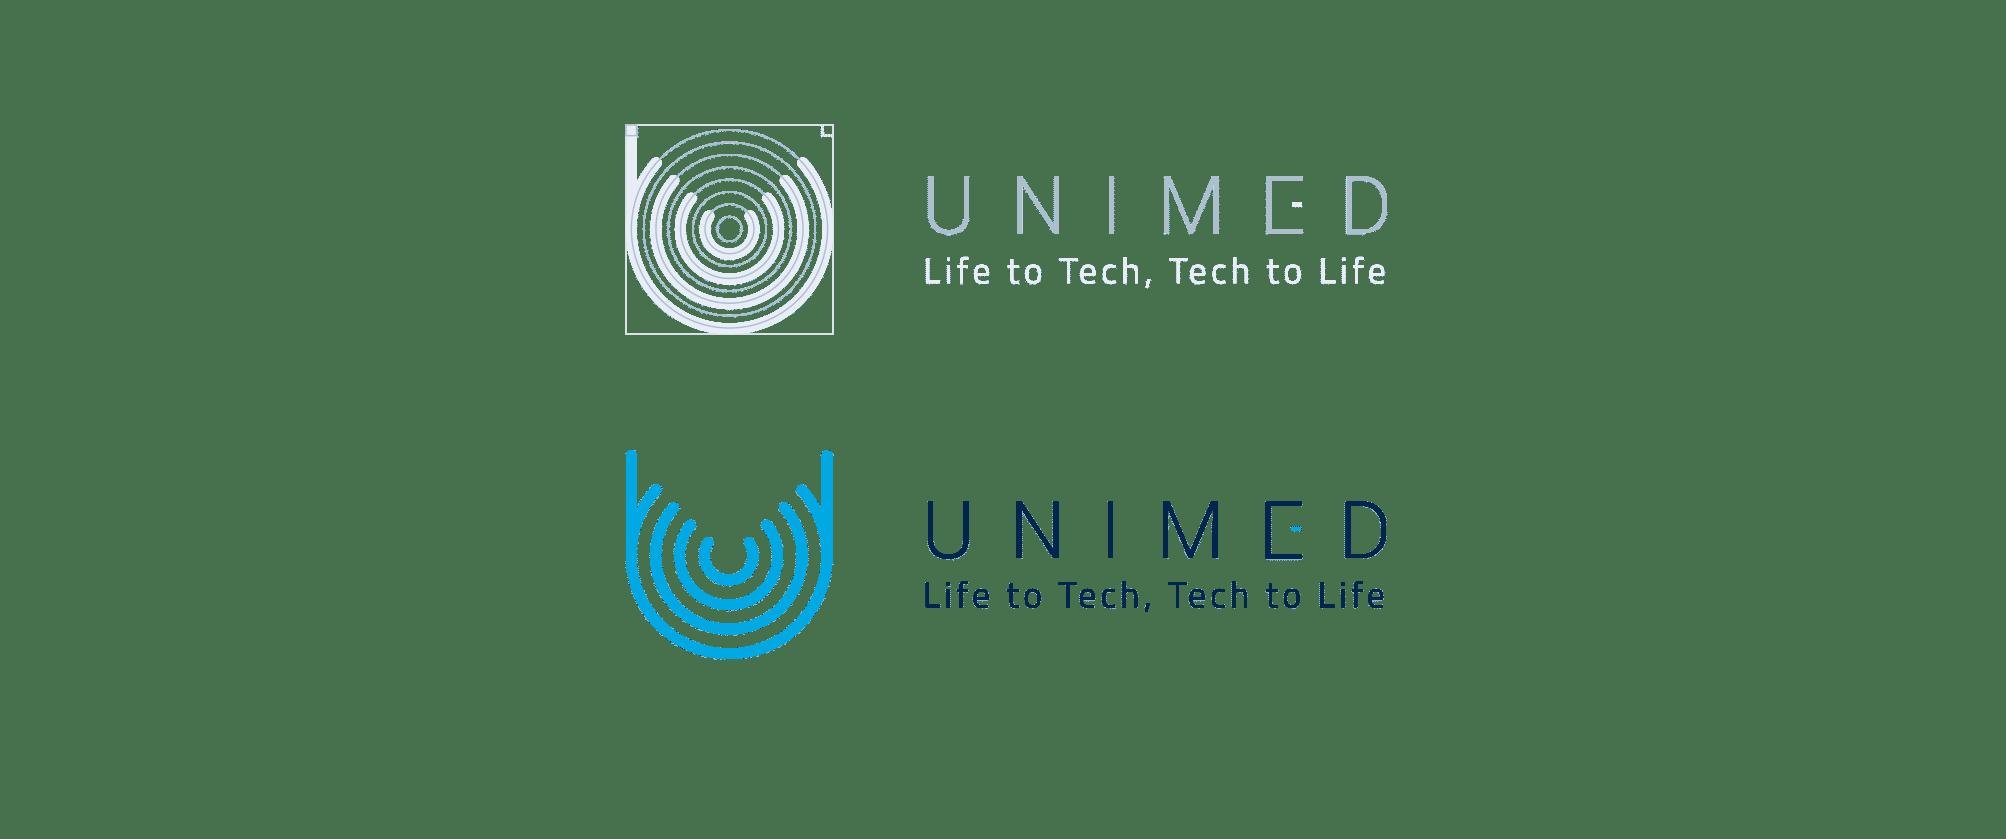 unimed realizzazione sito logo